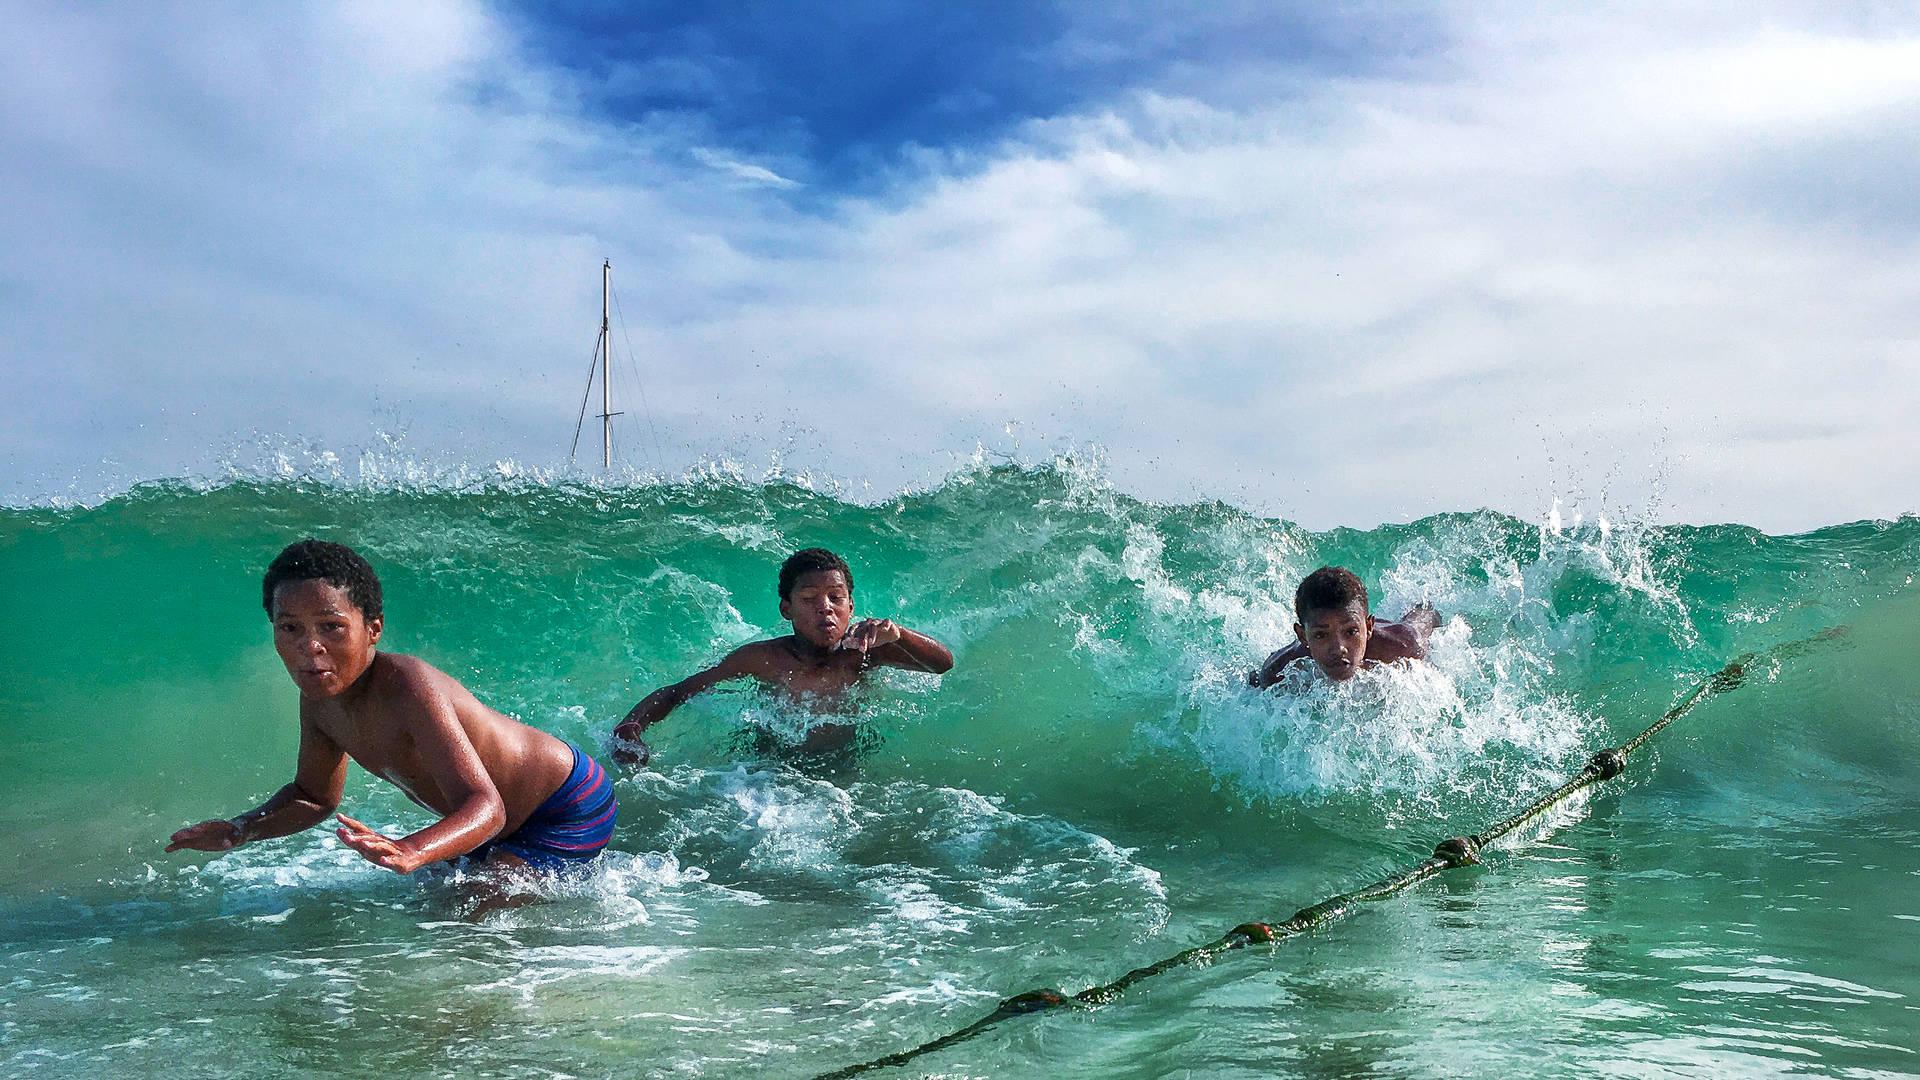 kaapverdie kinderen zwemmen in water